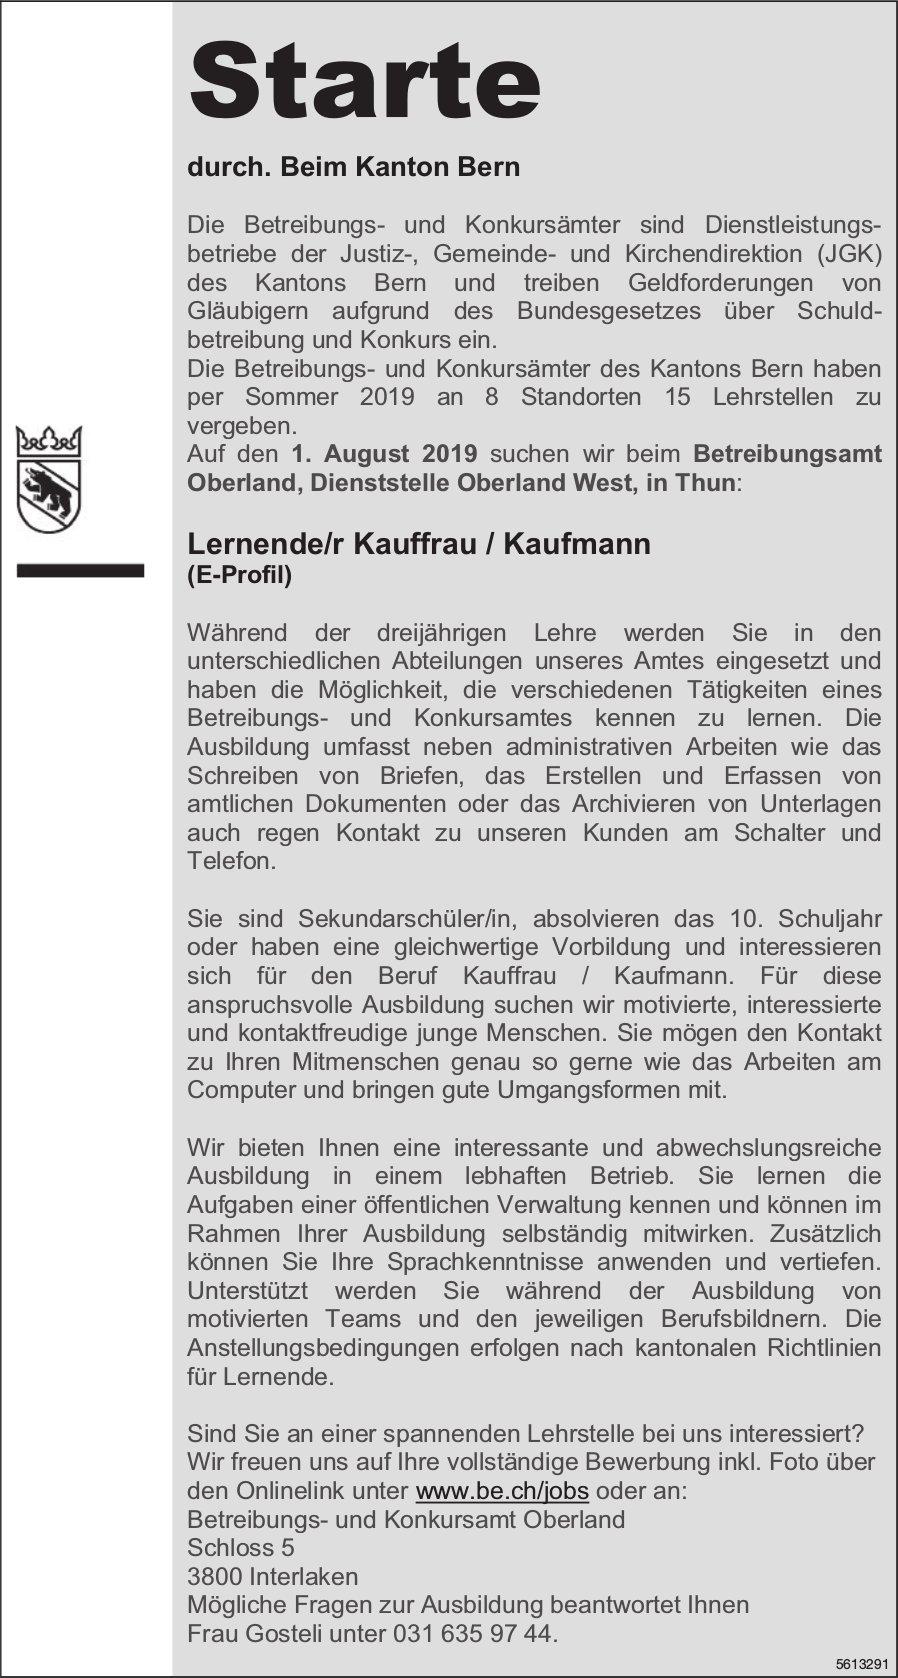 Lernende/r Kauffrau / Kaufmann (E-Profil), Betreibungsamt Oberland, Dienststelle Oberland West, Thun